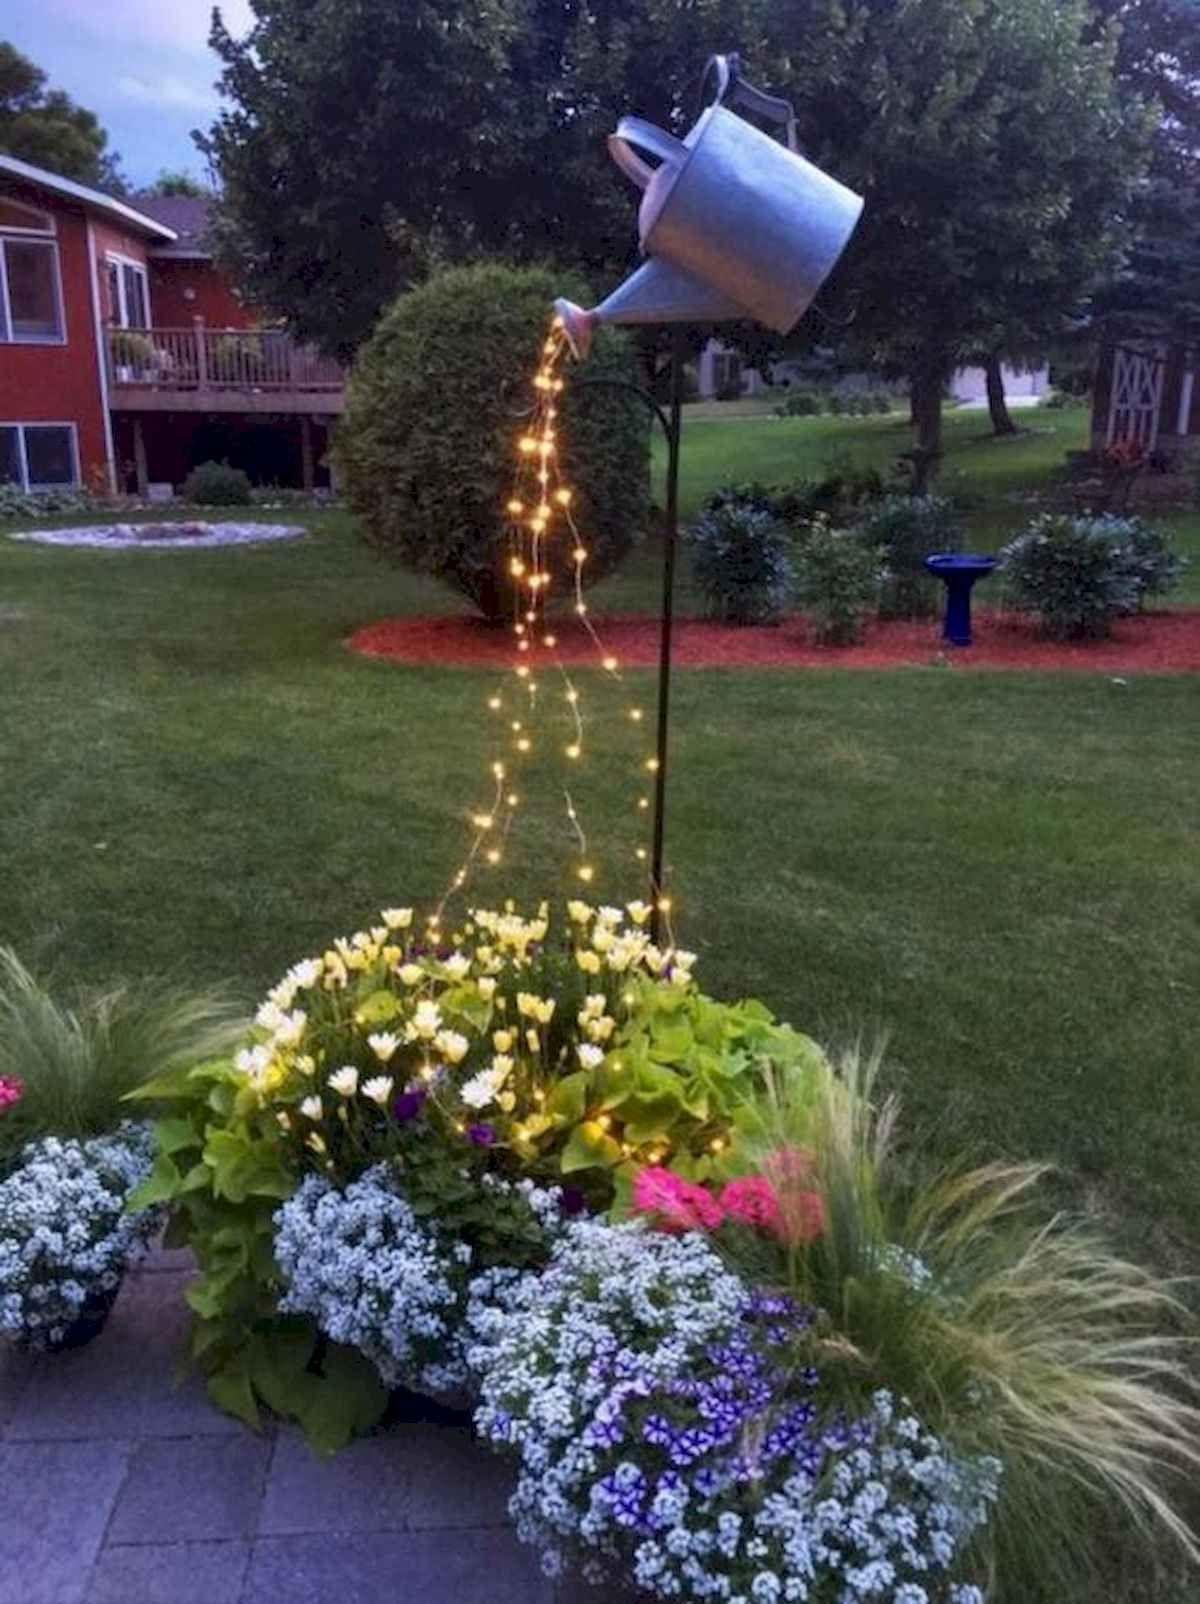 70 Creative And Inspiring Garden Art From Junk Design Ideas For Summer Gartenkunst Gartengestaltung Ideen Vorgarten